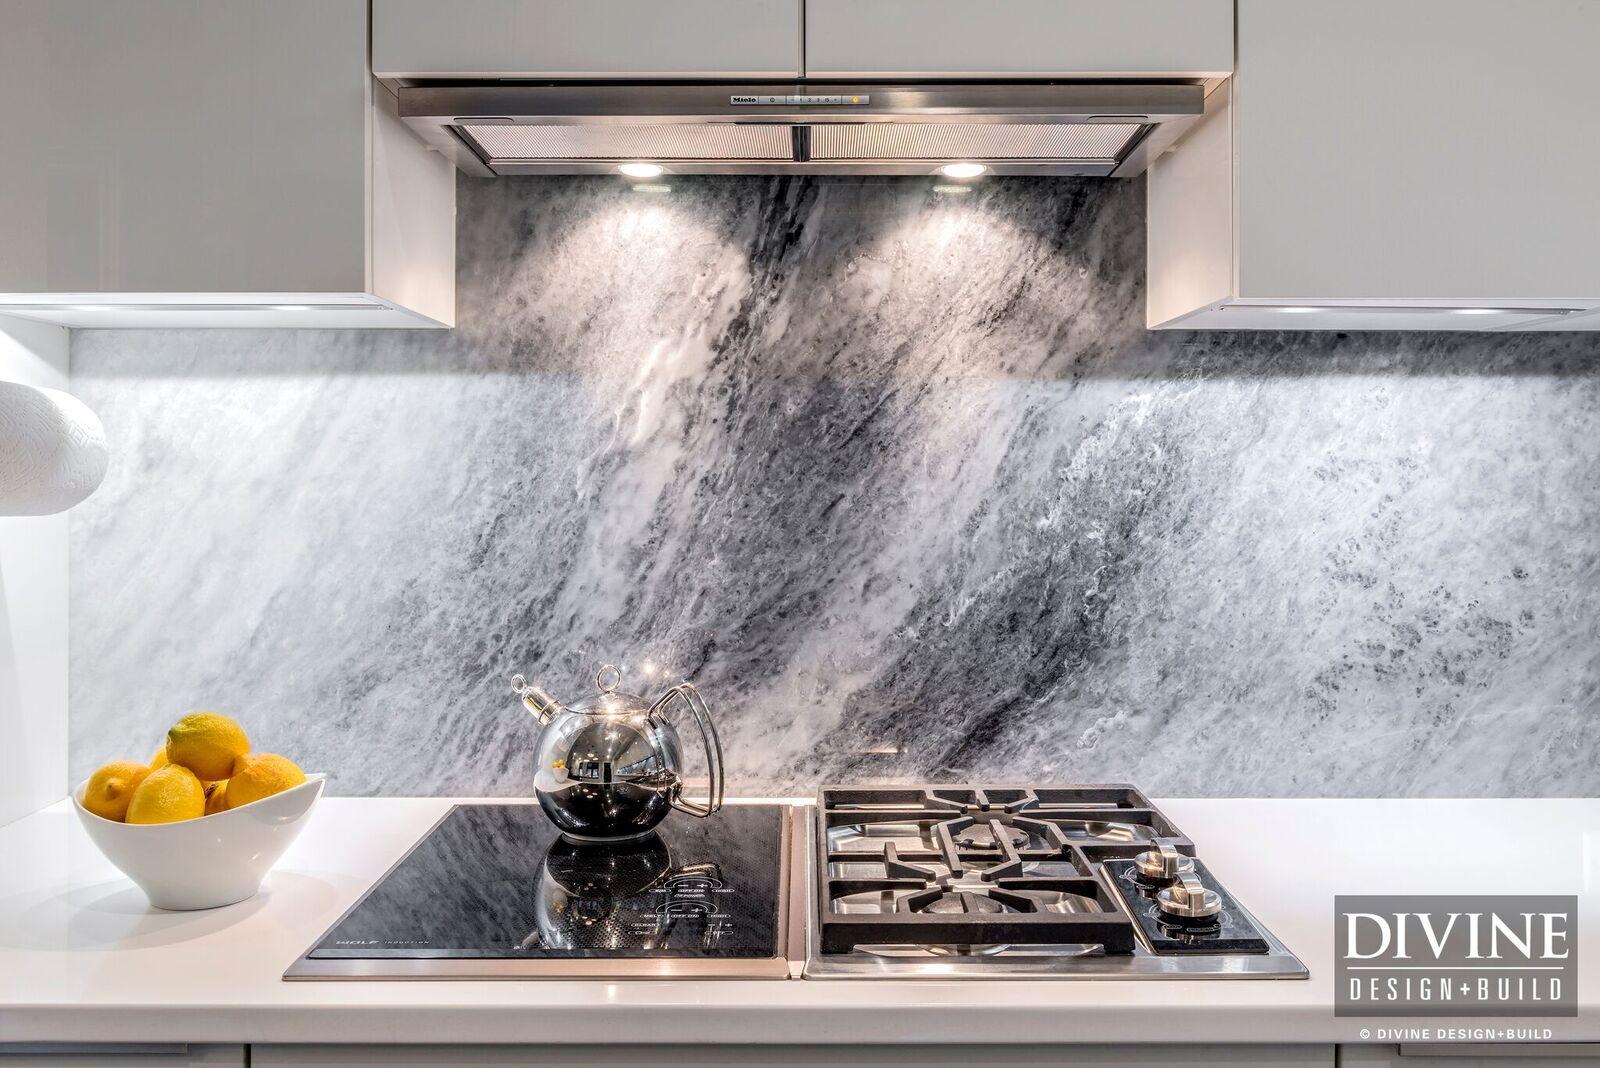 What Brands Make Modern Kitchen Appliances? — Divine Design+Build